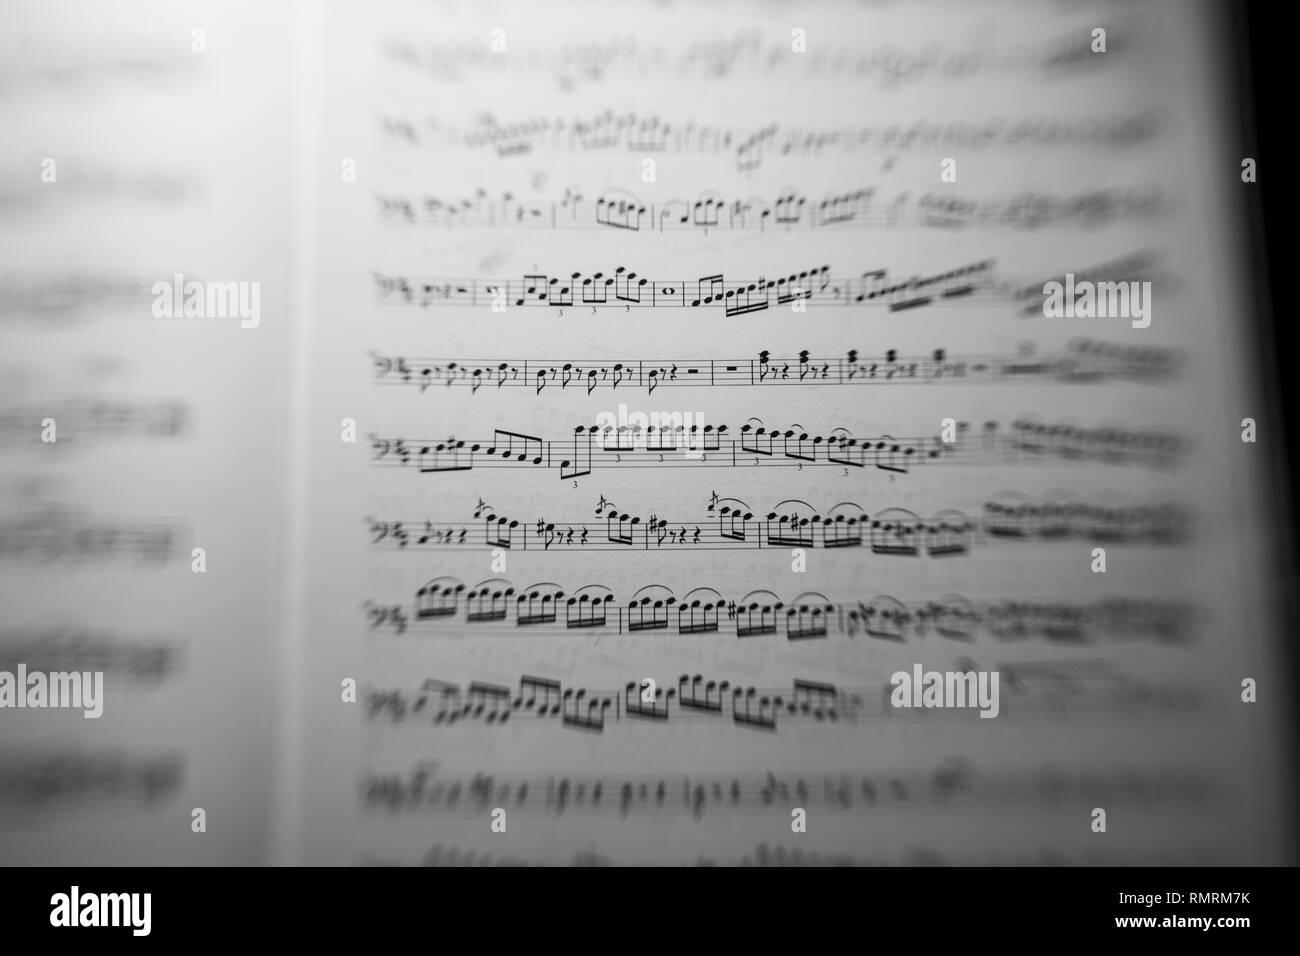 Foglio di musica per la musica classica con focus sul telaio centrale per convogliare il concetto di intensità o la messa a fuoco Immagini Stock